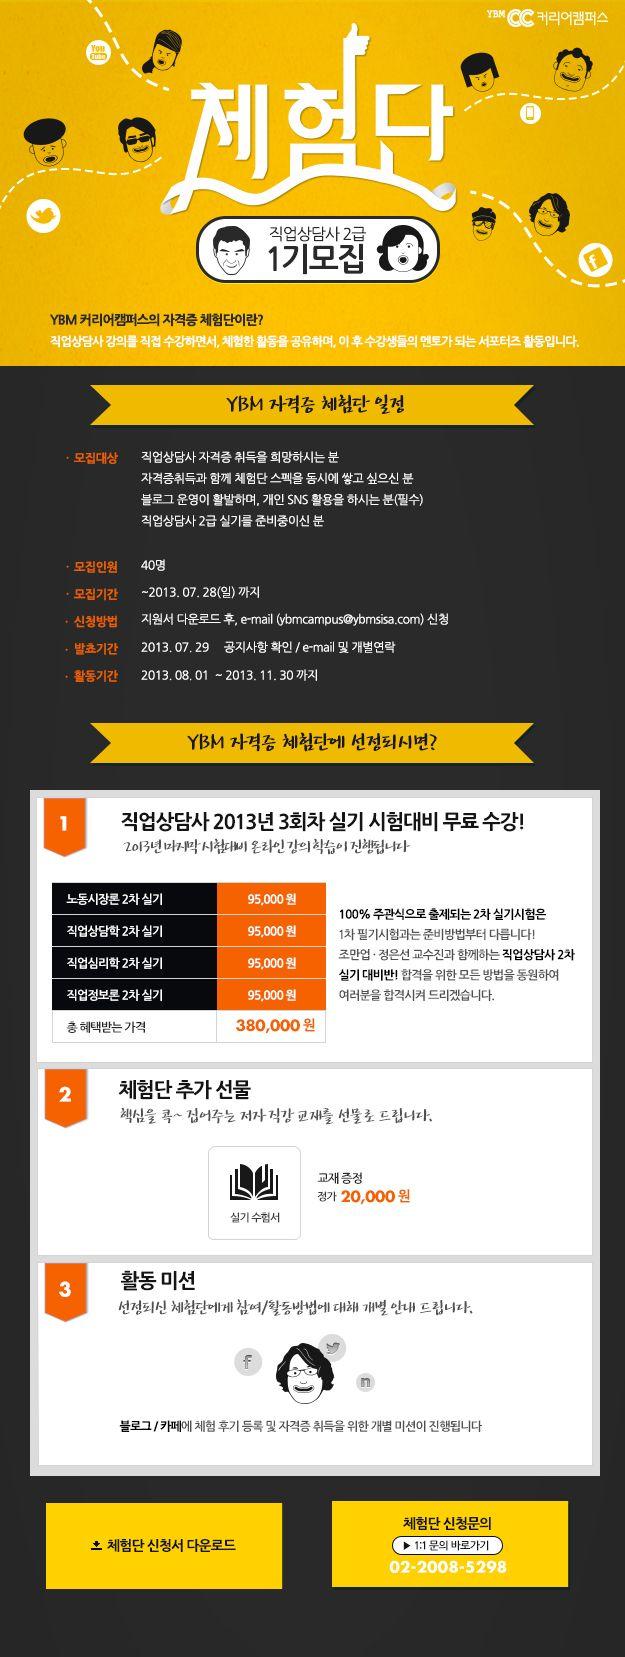 [커리어캠퍼스]직업상담사 체험단 모집 이벤트 (김보인)